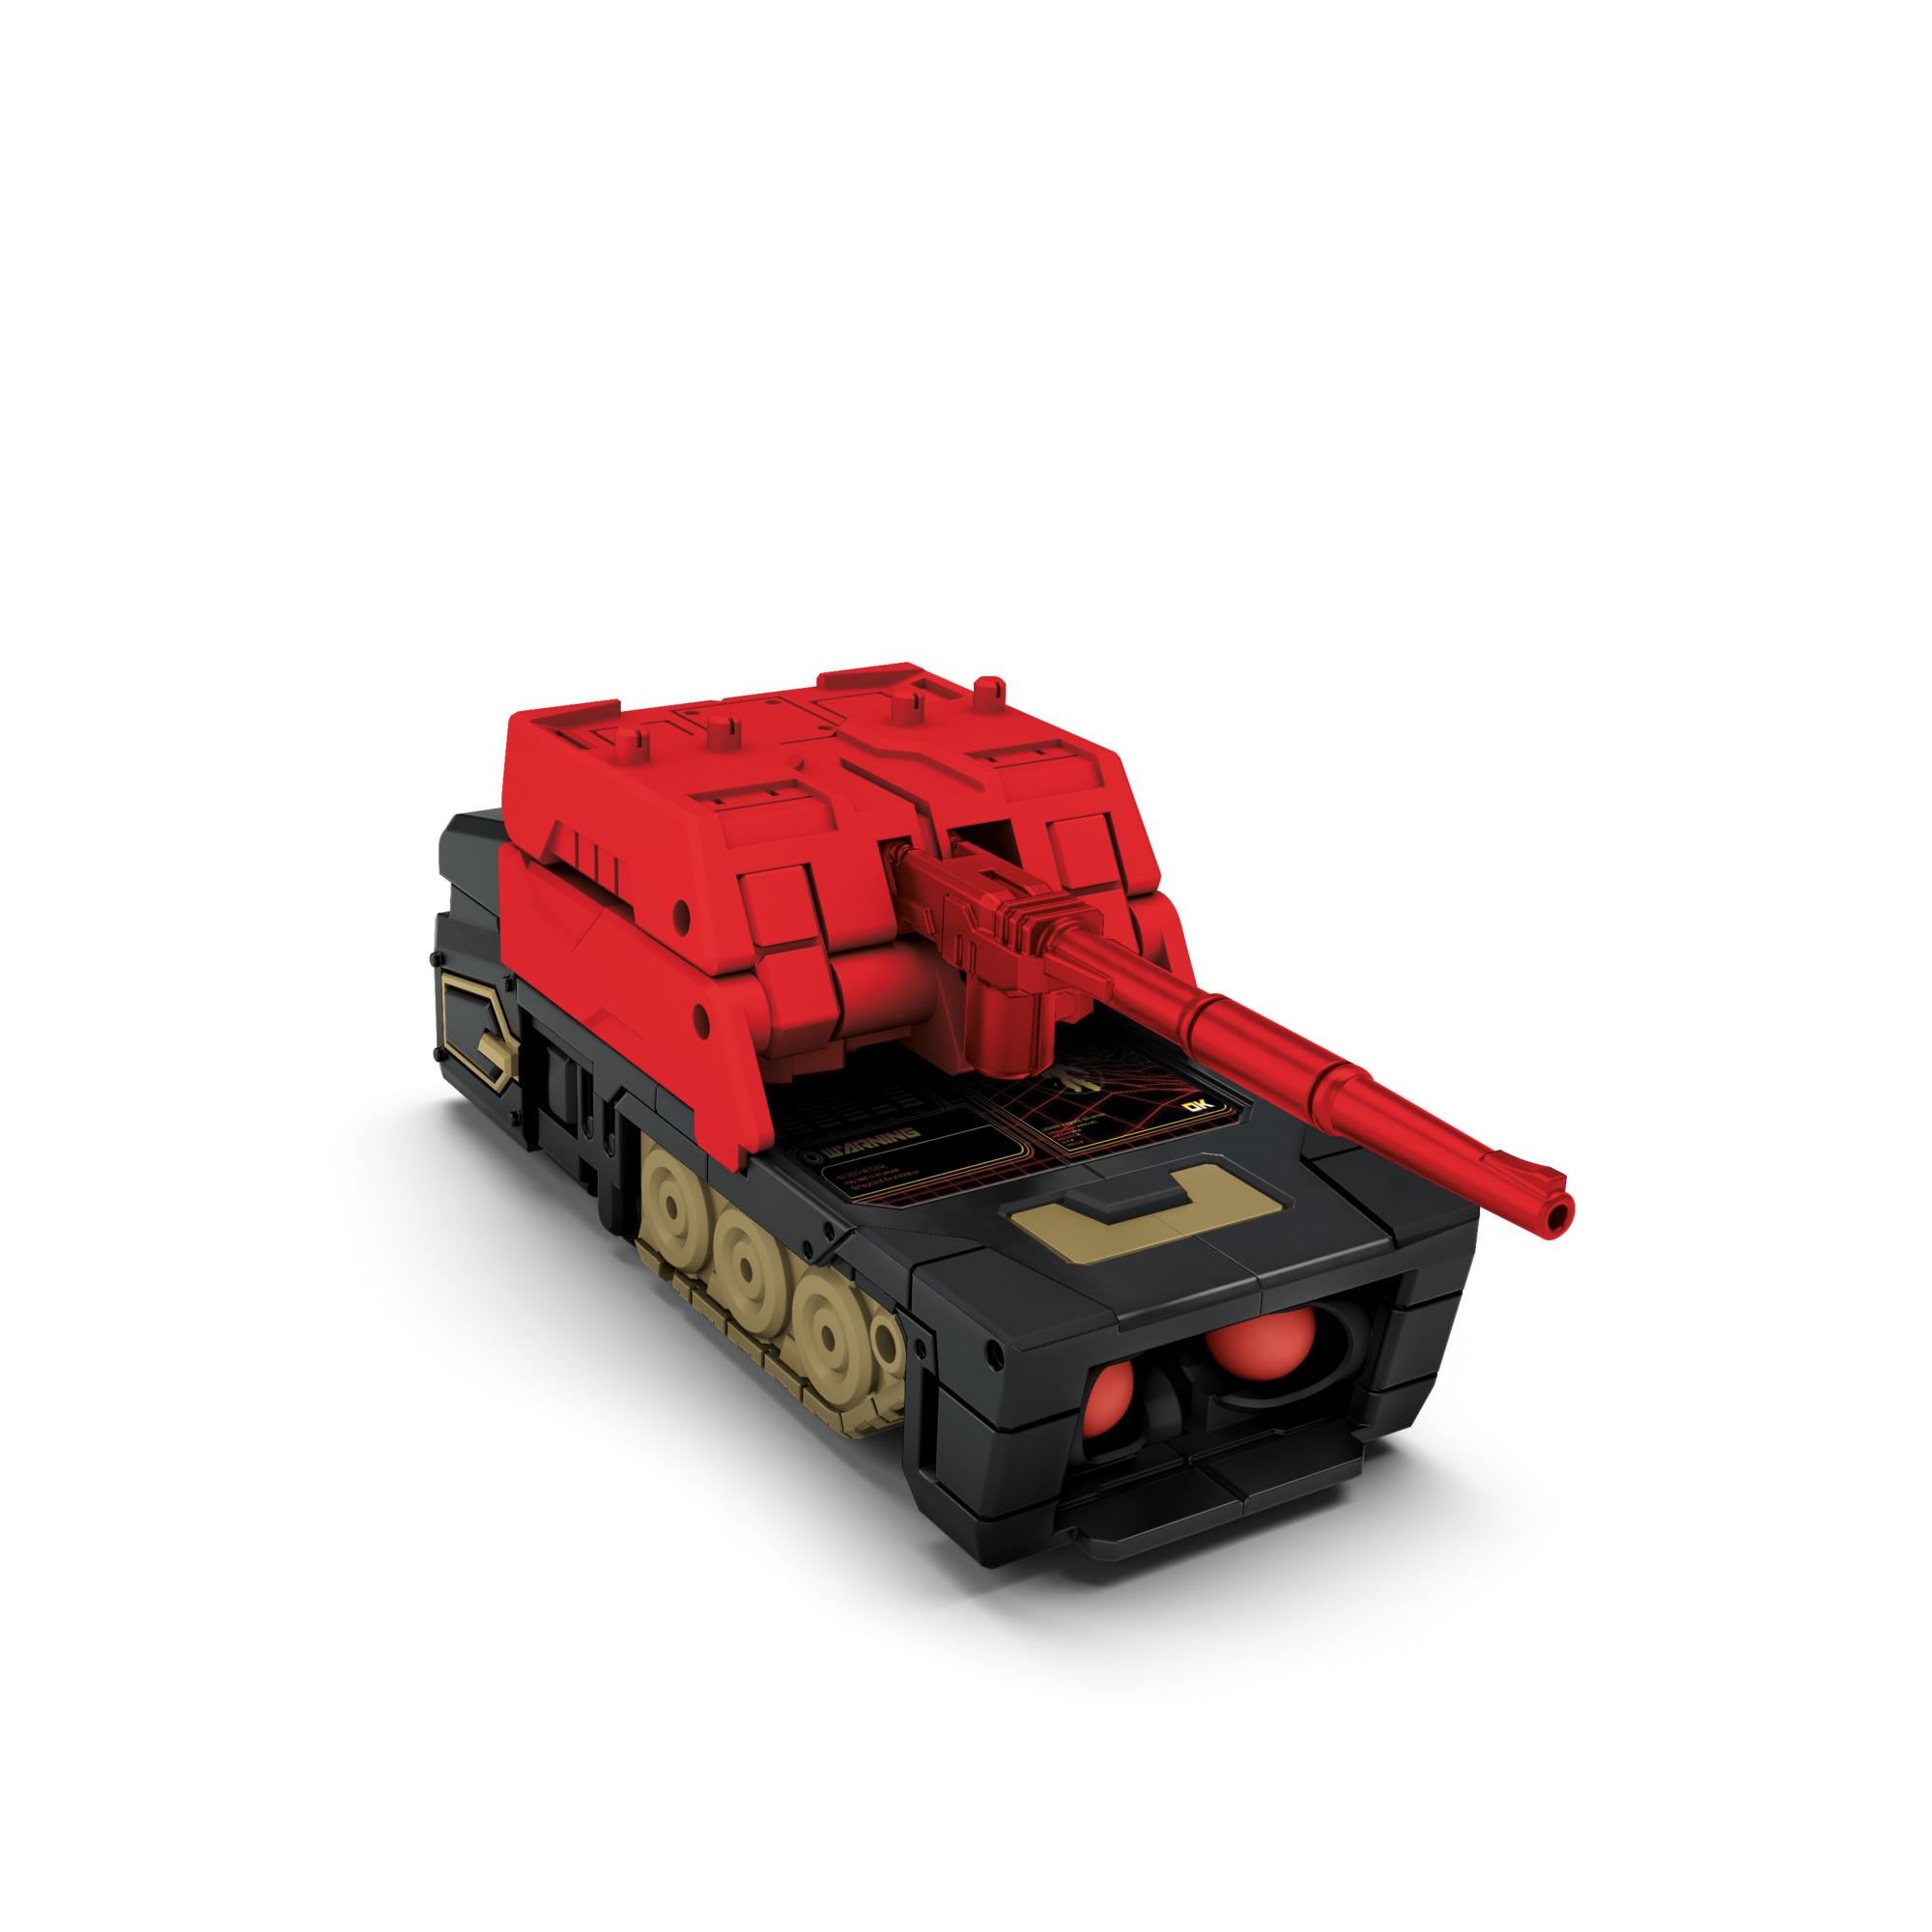 Legends RUMBLE Vehicle